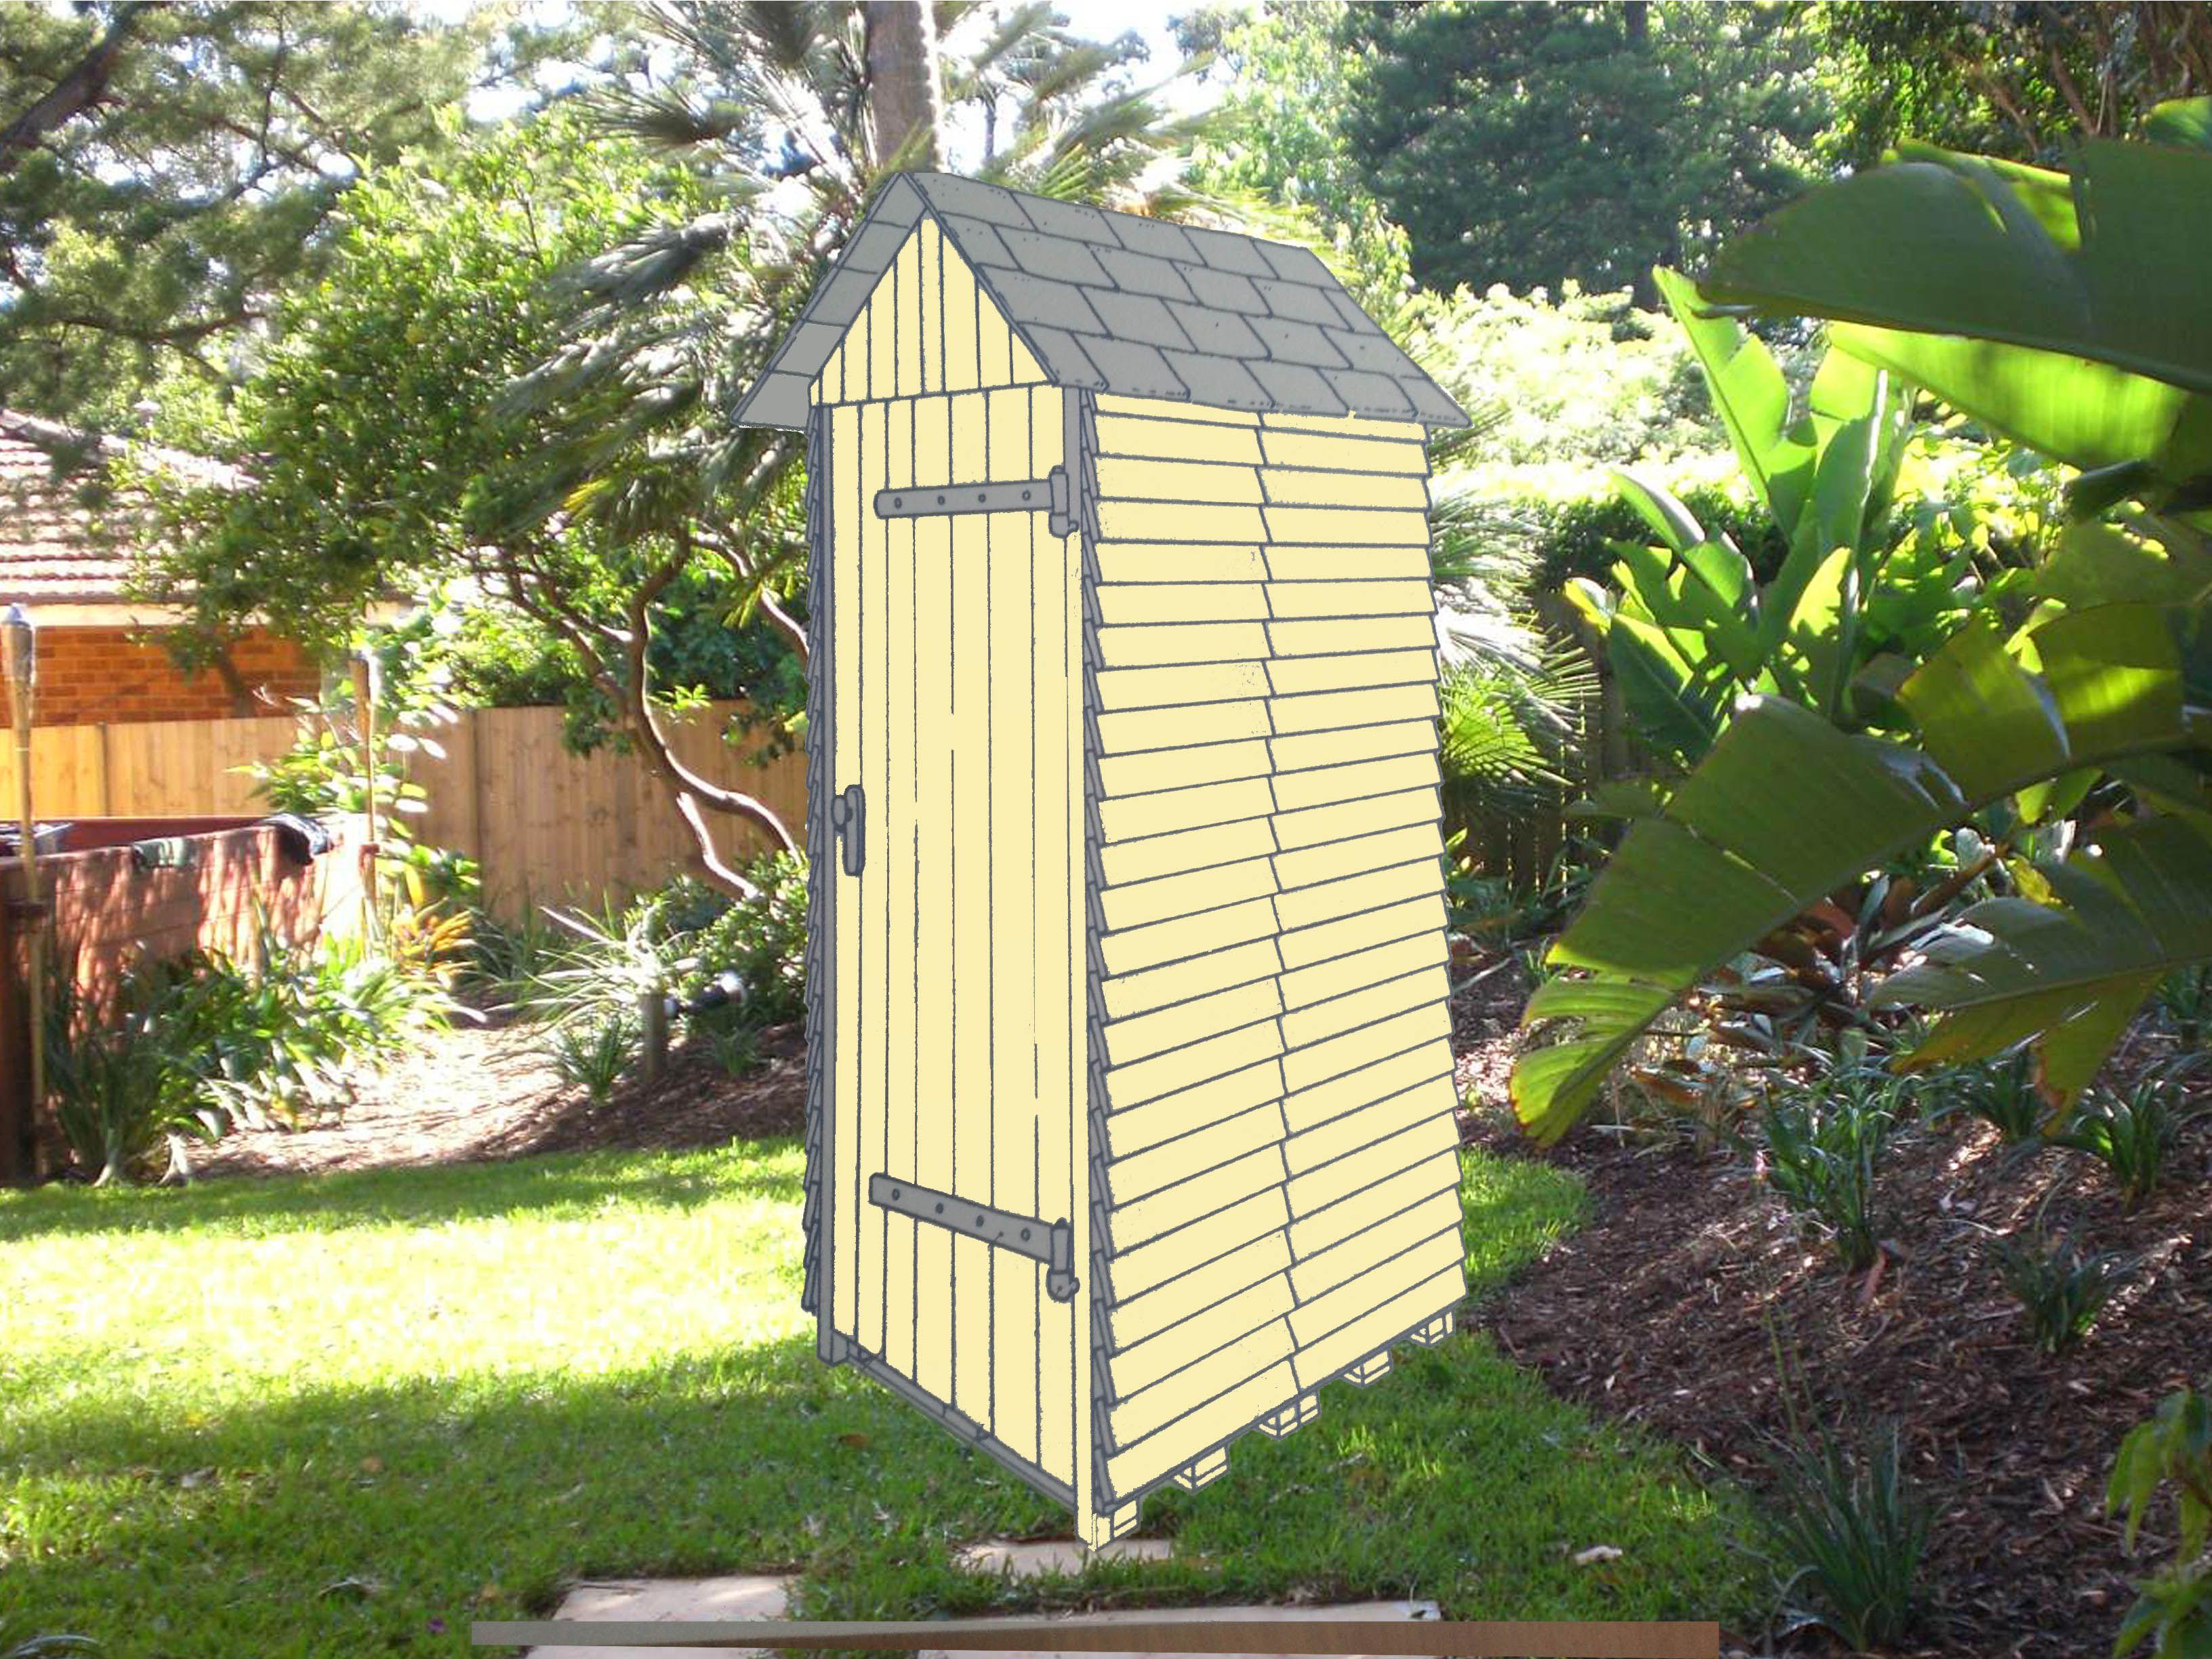 Construire Un Abri De Jardin En Bois Pas Cher | Abri De Jardin concernant Abri Pas Cher